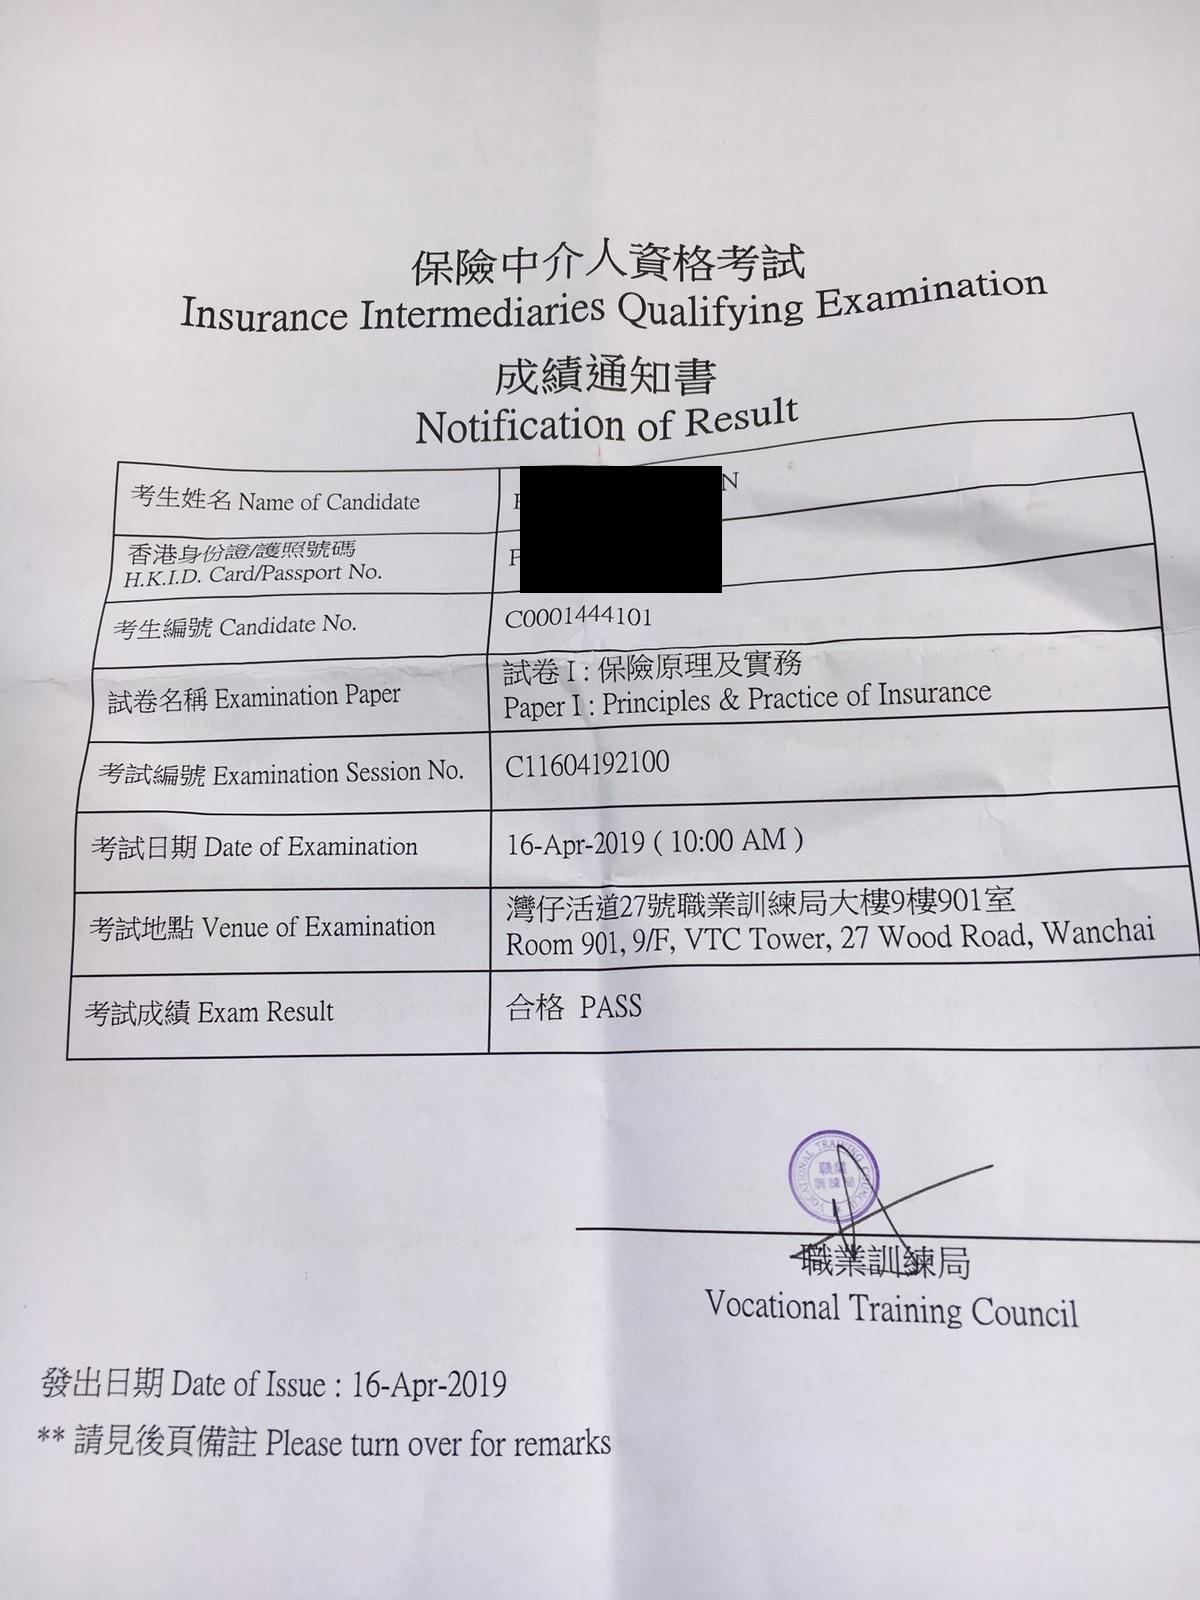 BH 16/4/2019 IIQE Paper 1 保險中介人資格考試卷一 Pass